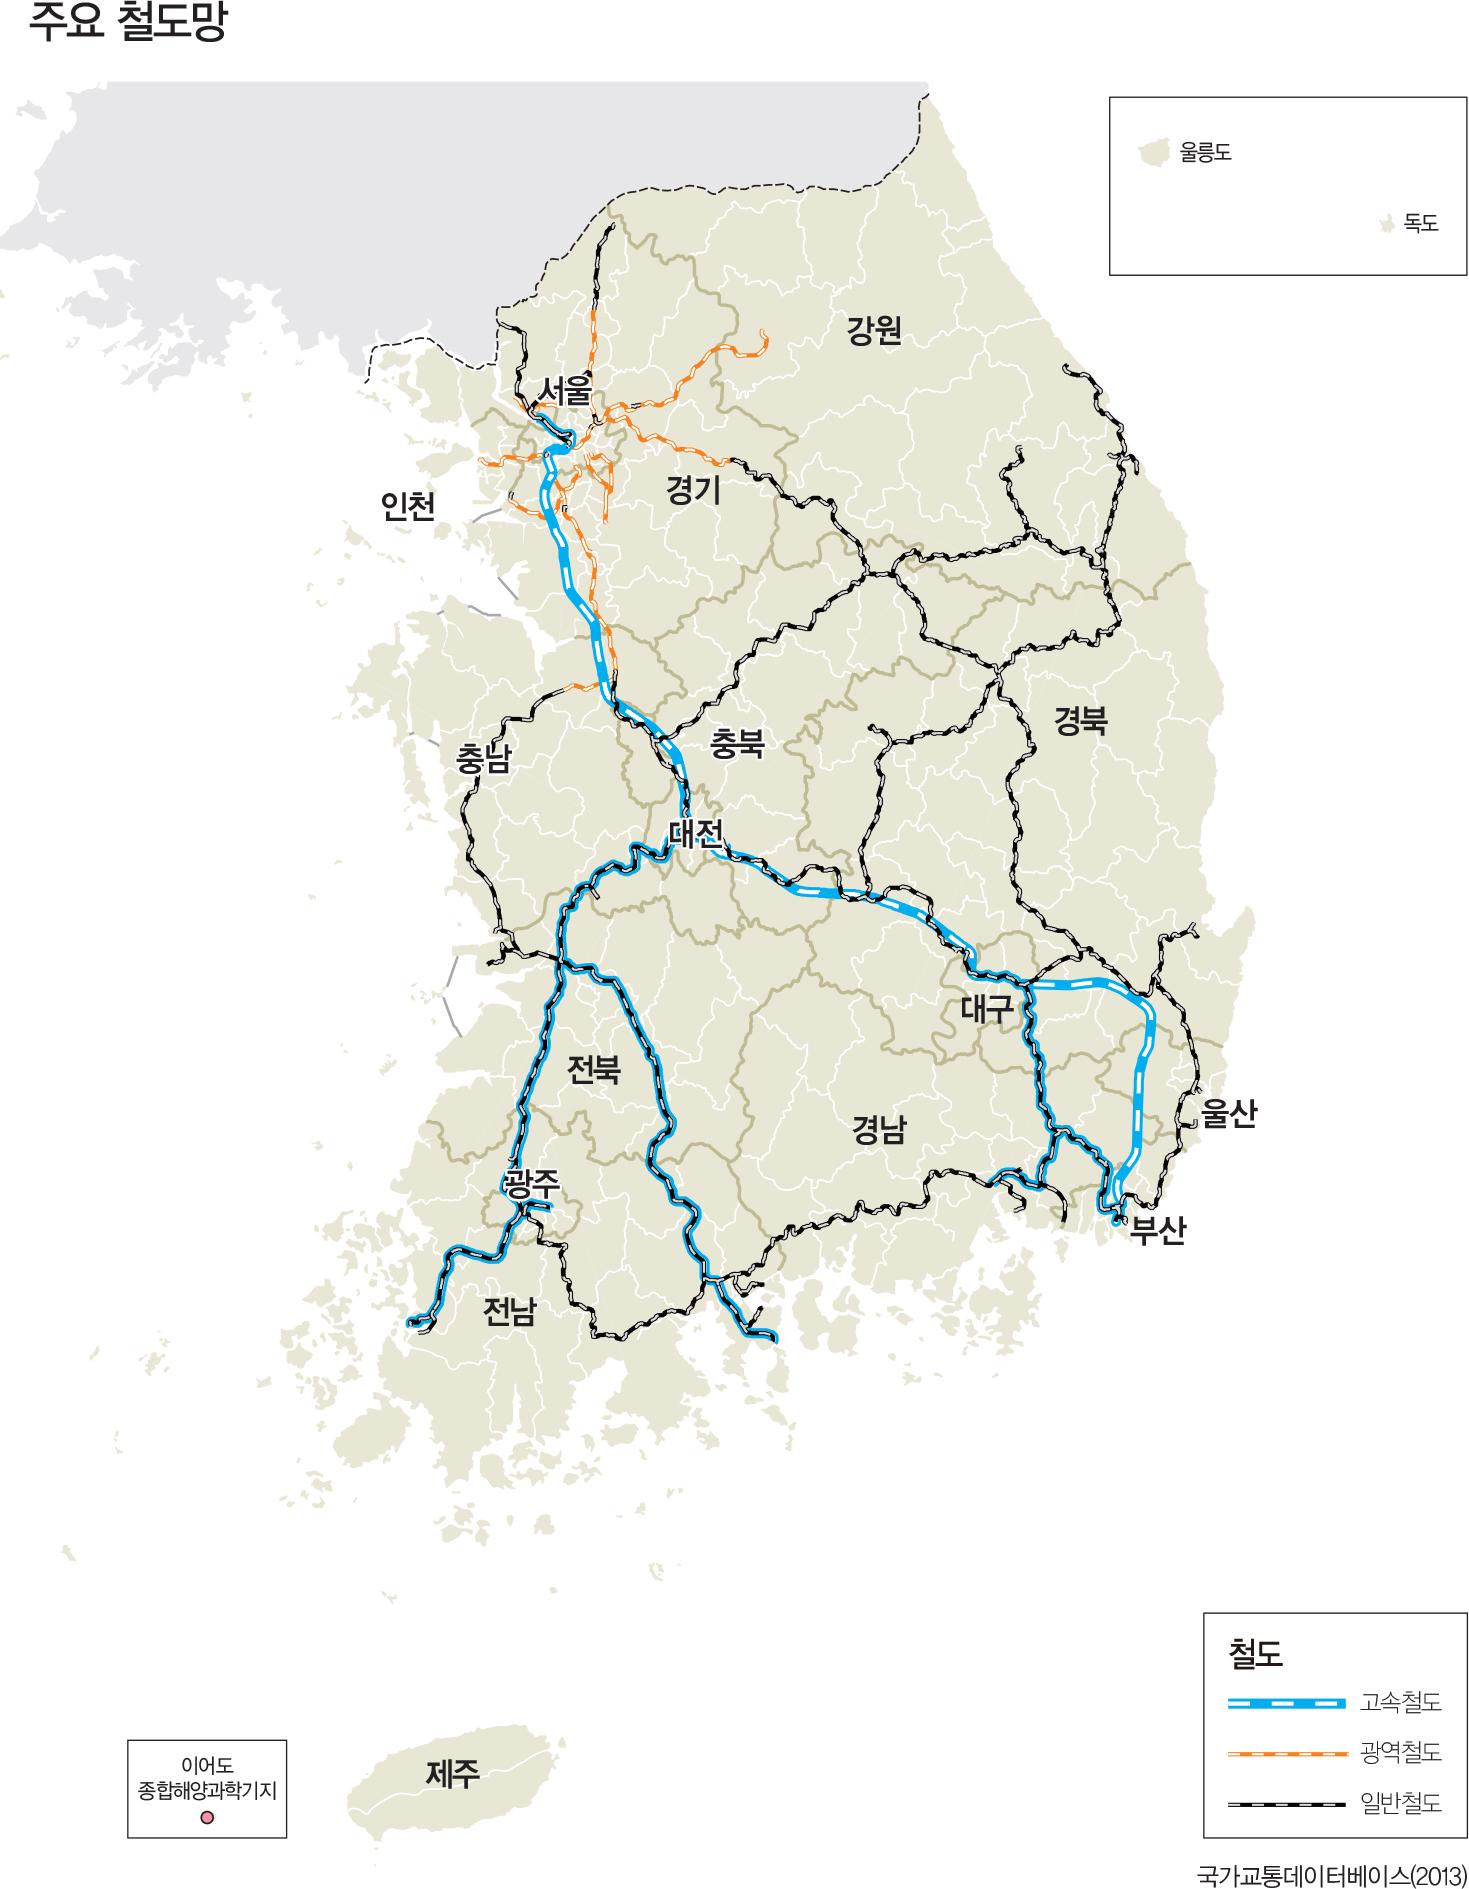 주요 철도망